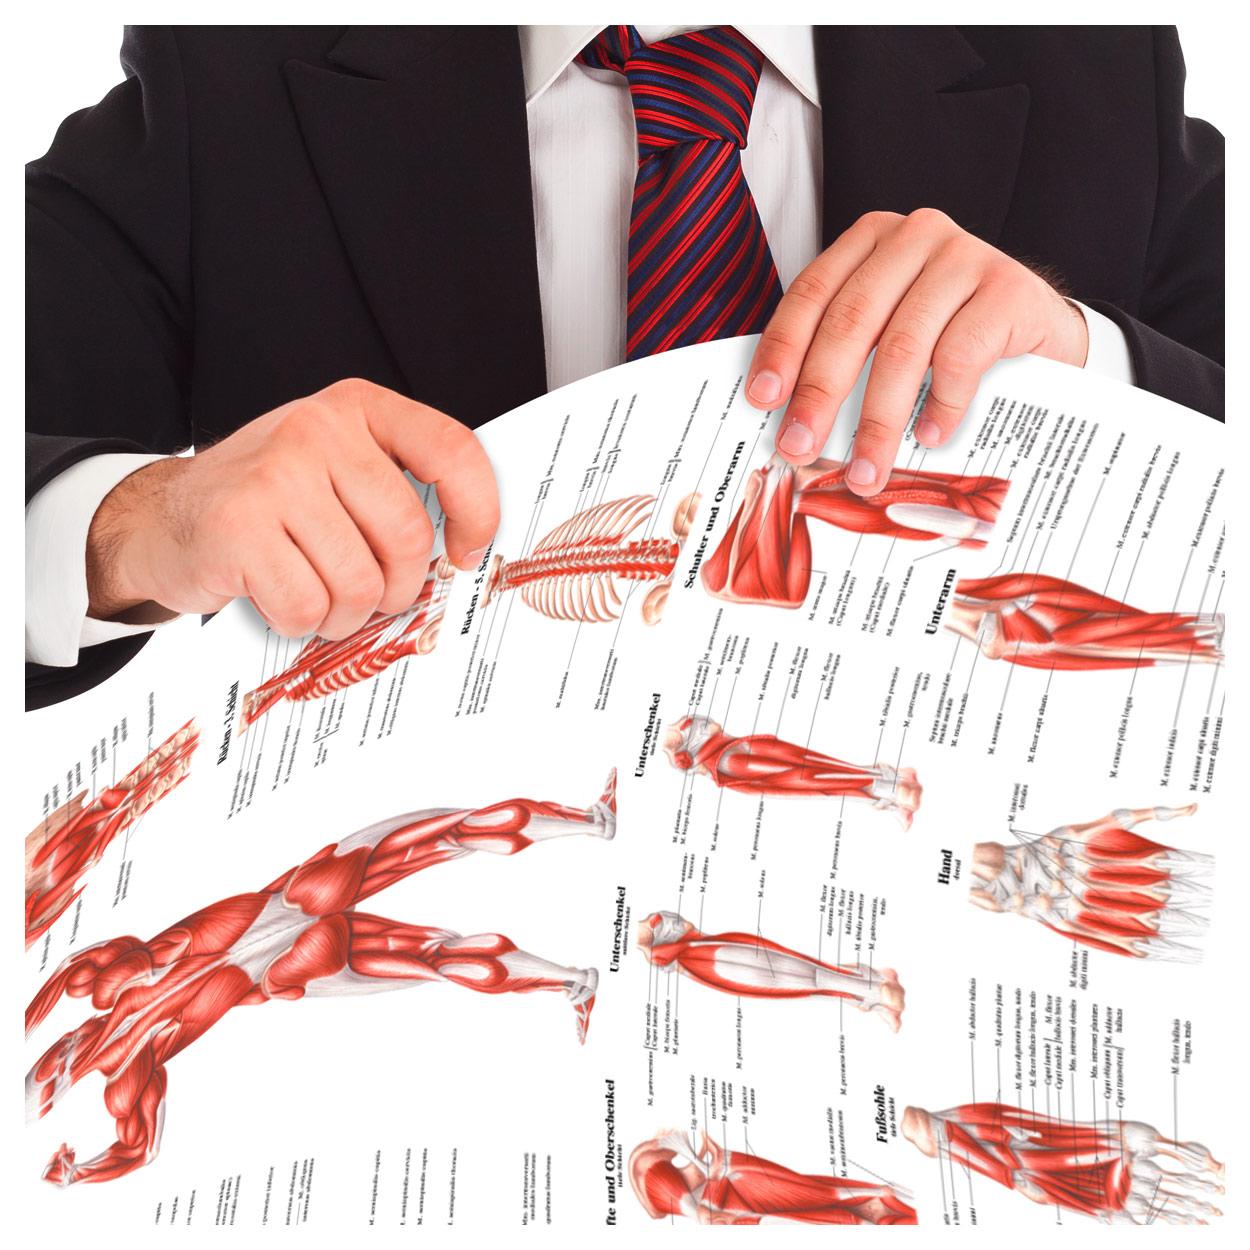 Schulter- und Rückenmuskulatur Mini-Poster Anatomie 34x24 cm med ...